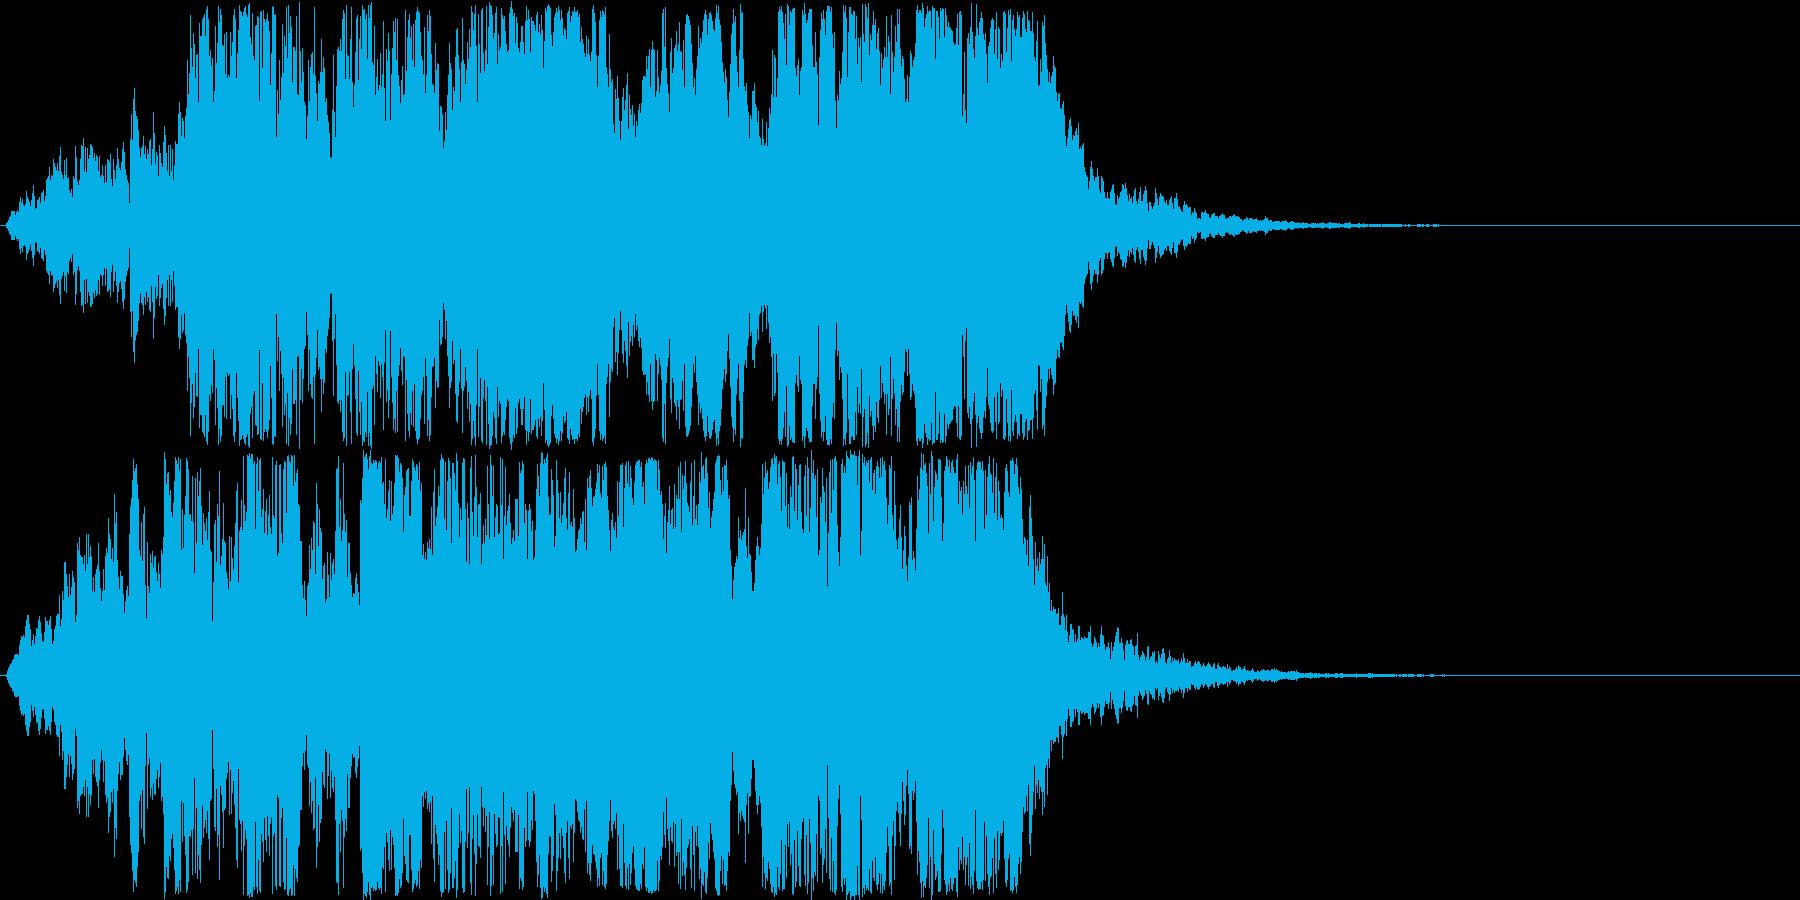 怖い系効果音 キィキィ ガラス擦った音の再生済みの波形